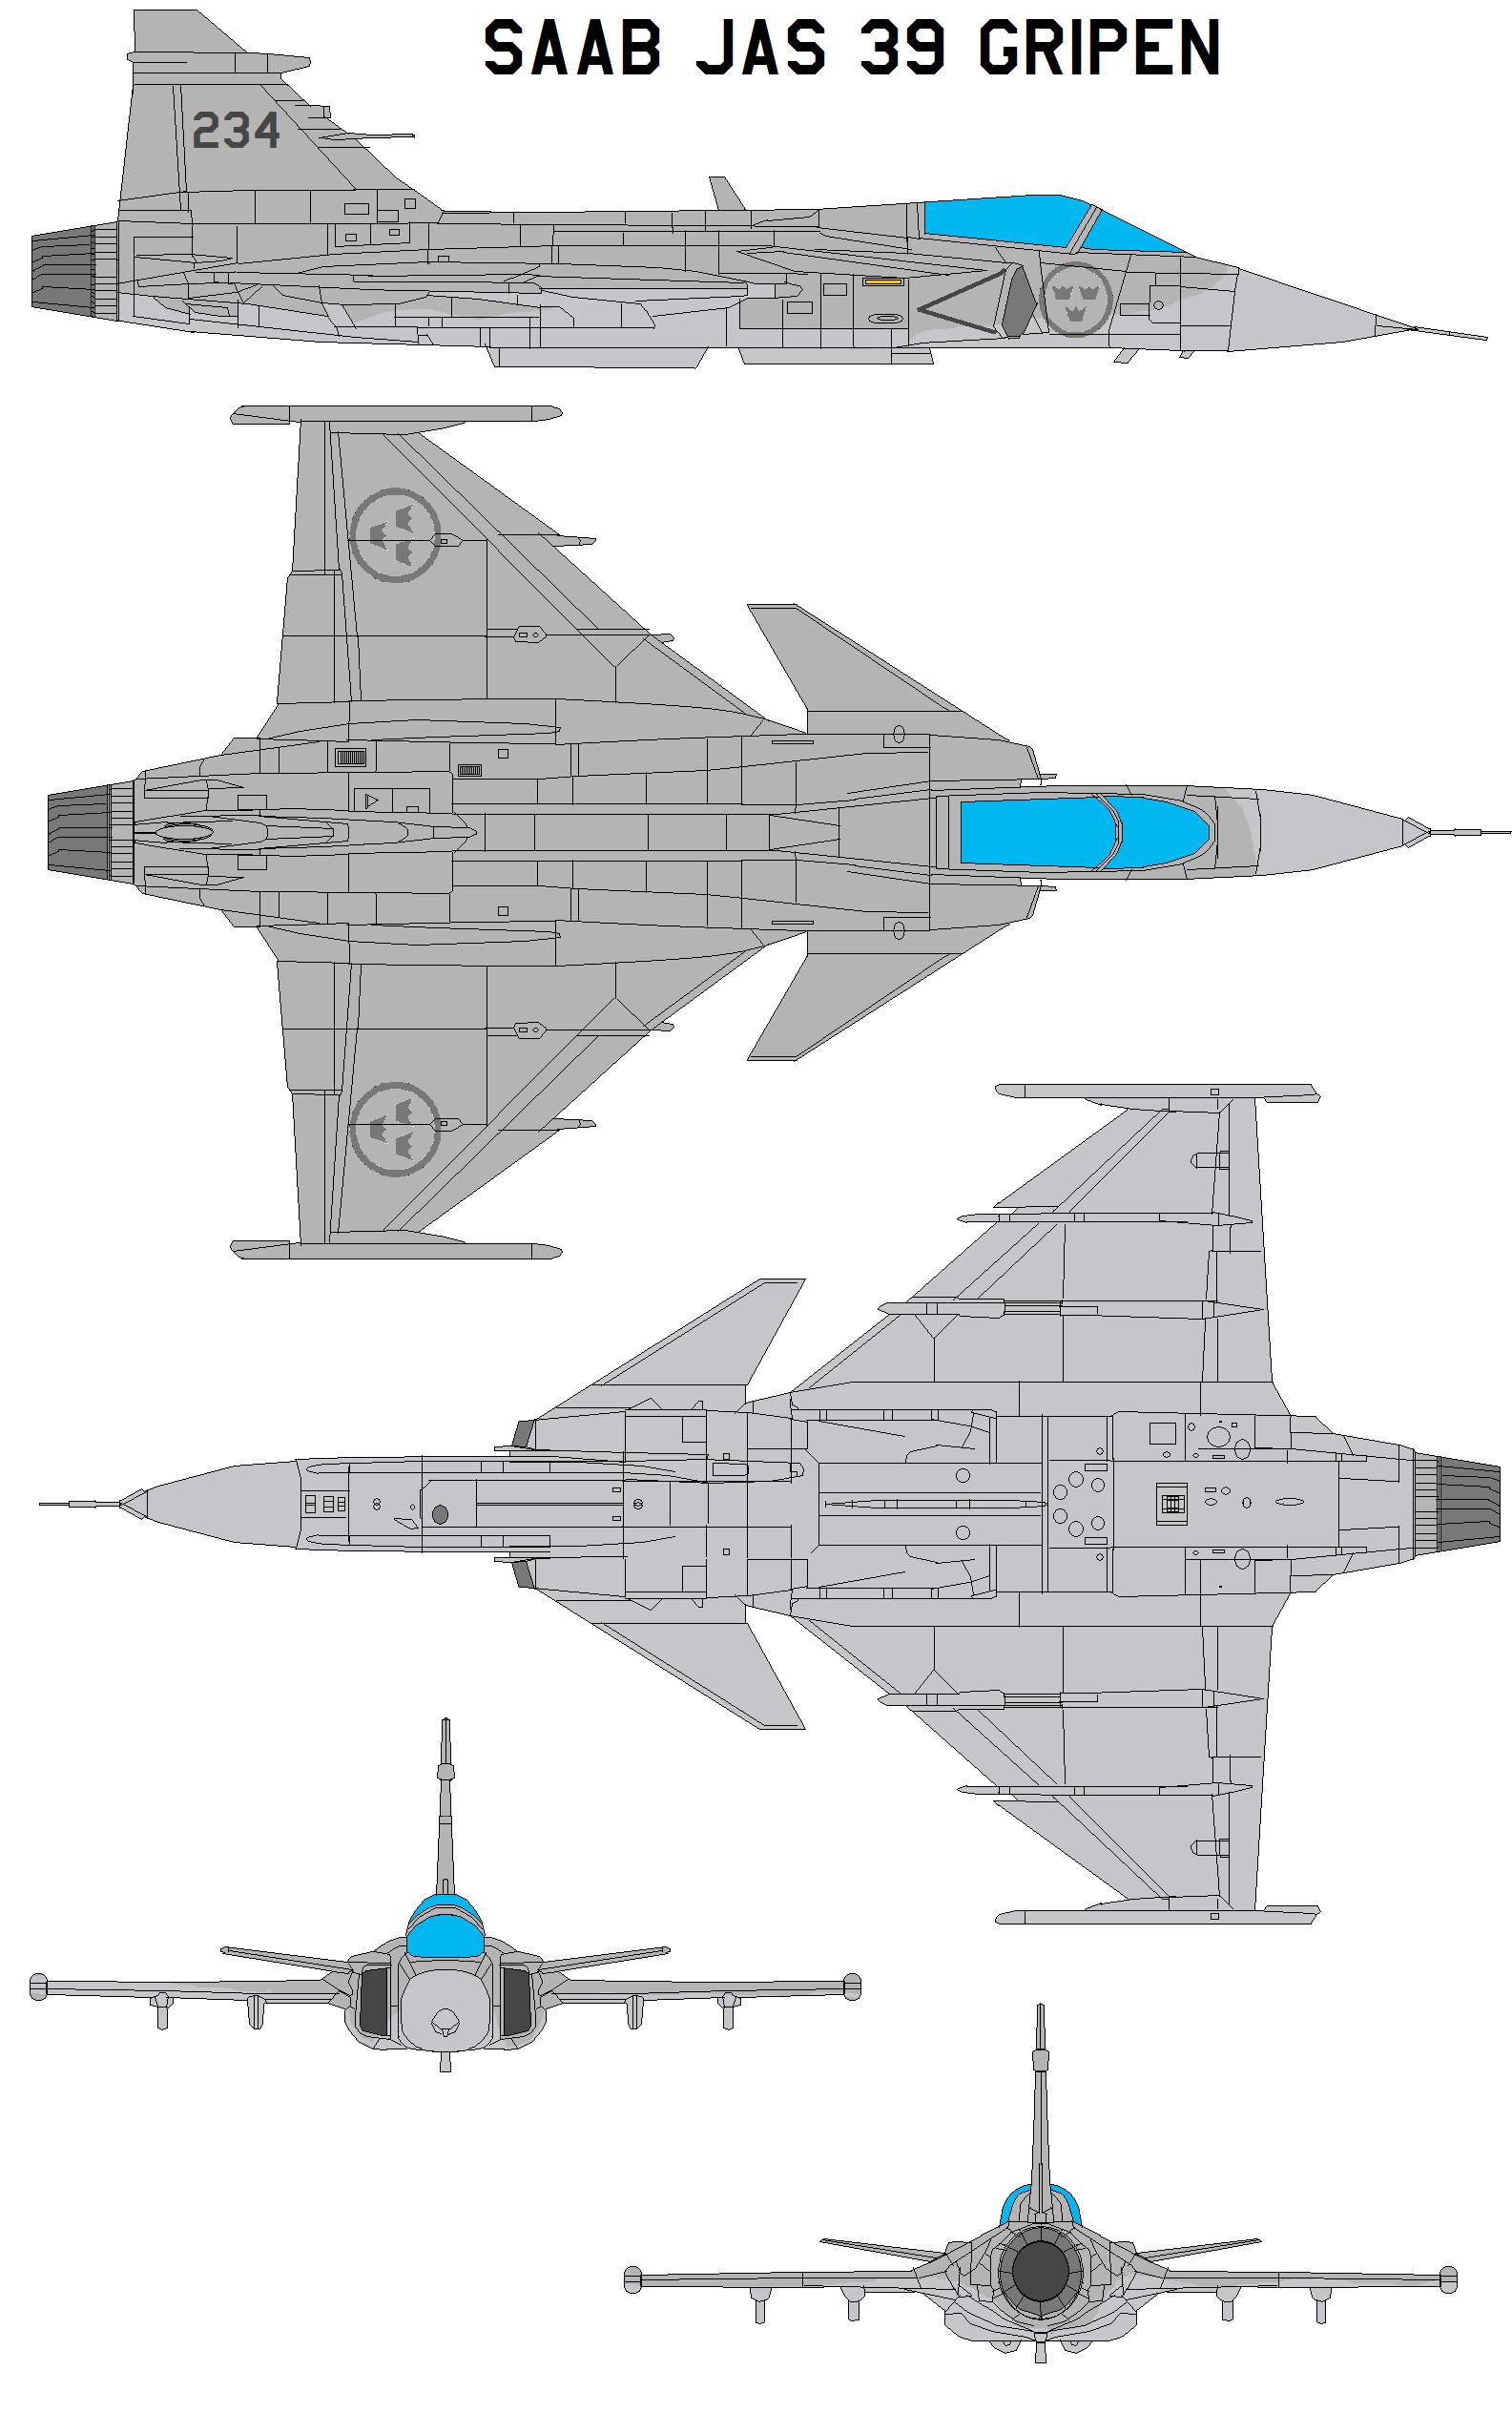 Saab Jas 39 Gripen Zarco Macross